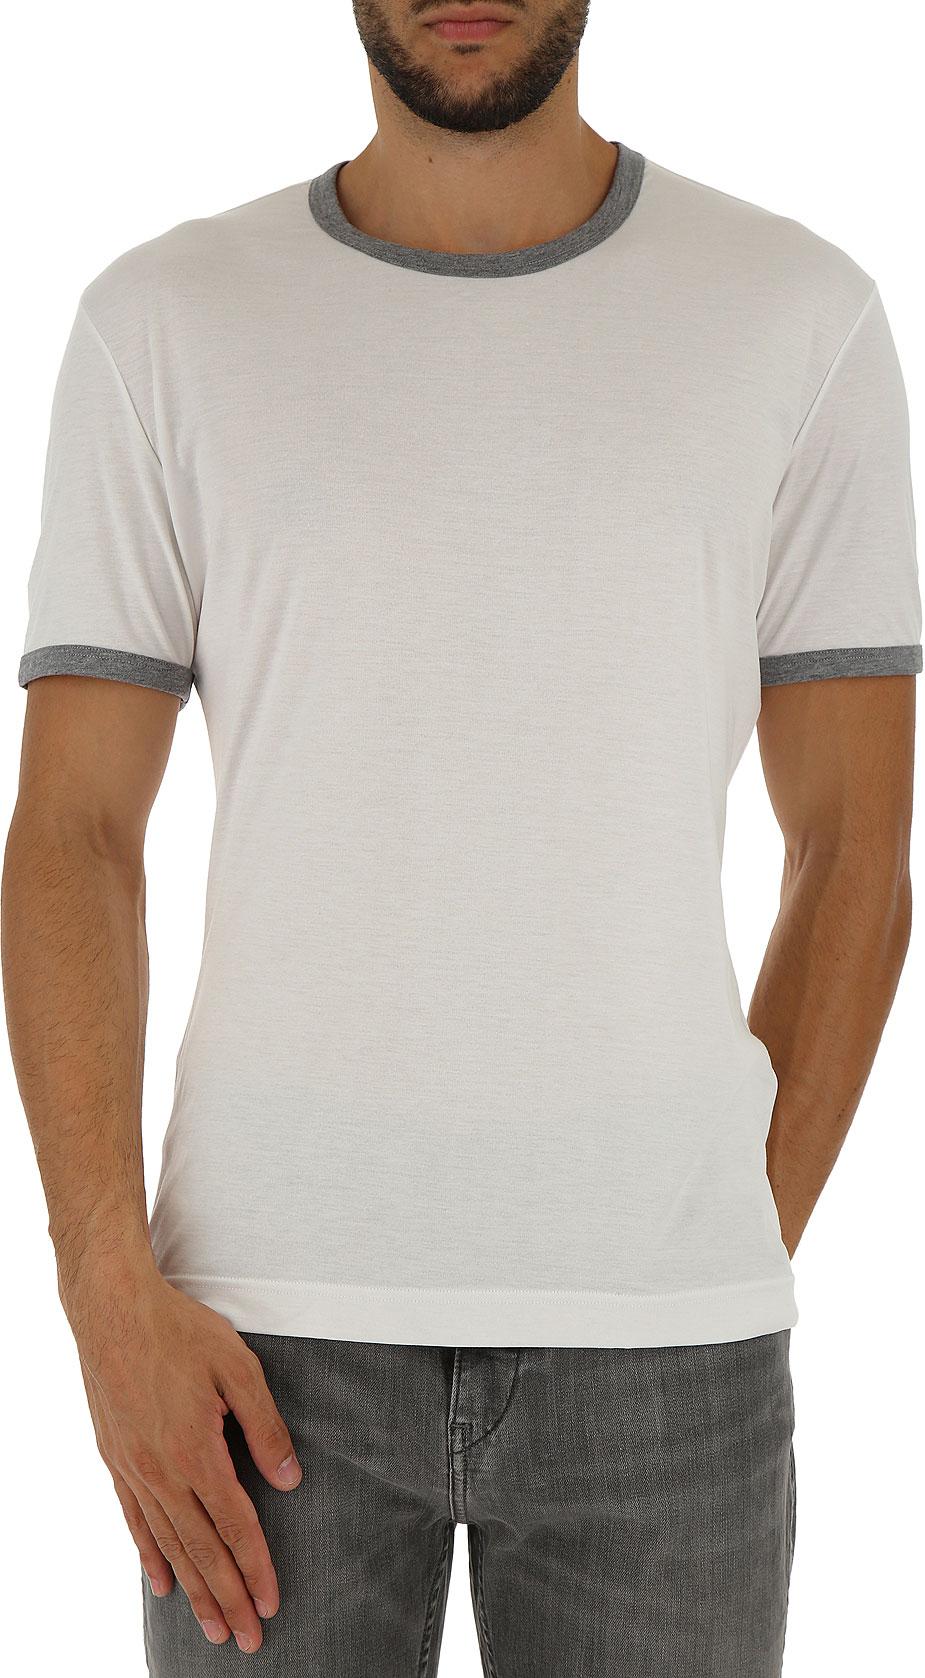 Gabbana w0800 PièceN8c05j Vêtements Homme fu75n amp; DouxNuméro De shQdrCxt